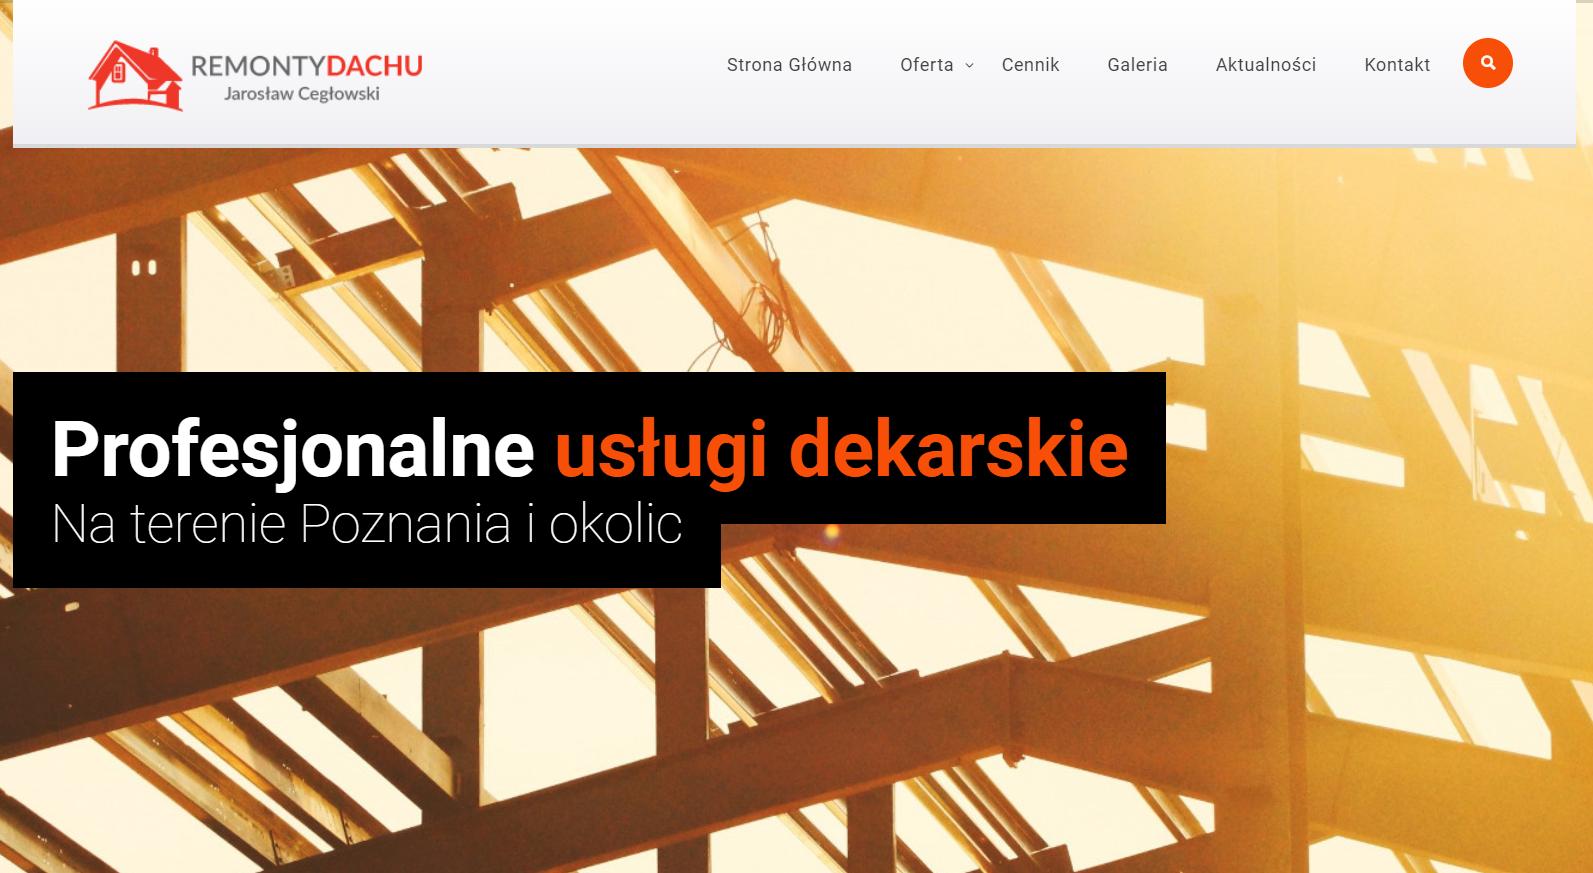 Teksty dla branży budowlanej